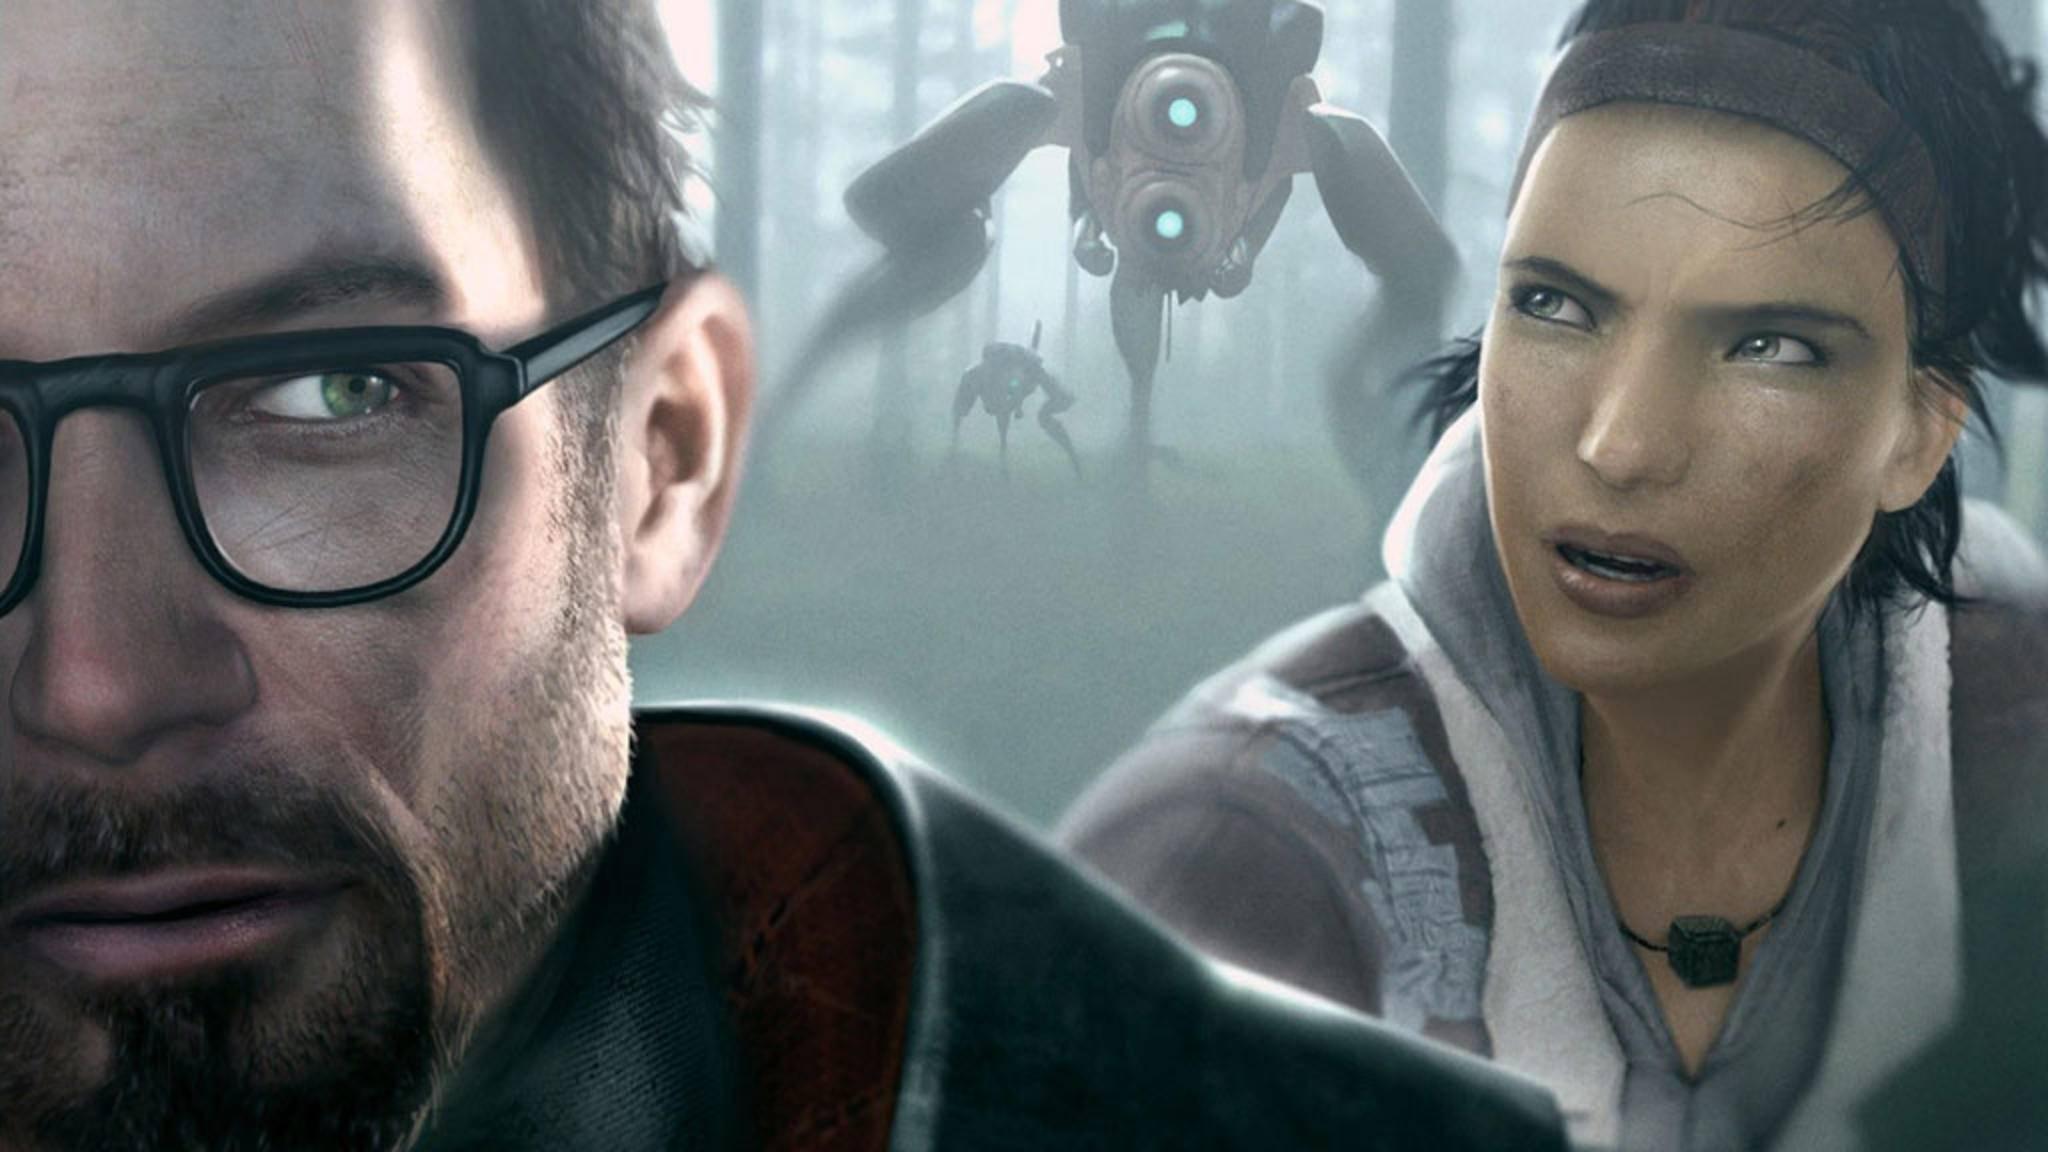 Viele Gerüchte: Half-Life 3 wird immer unwahrscheinlicher.